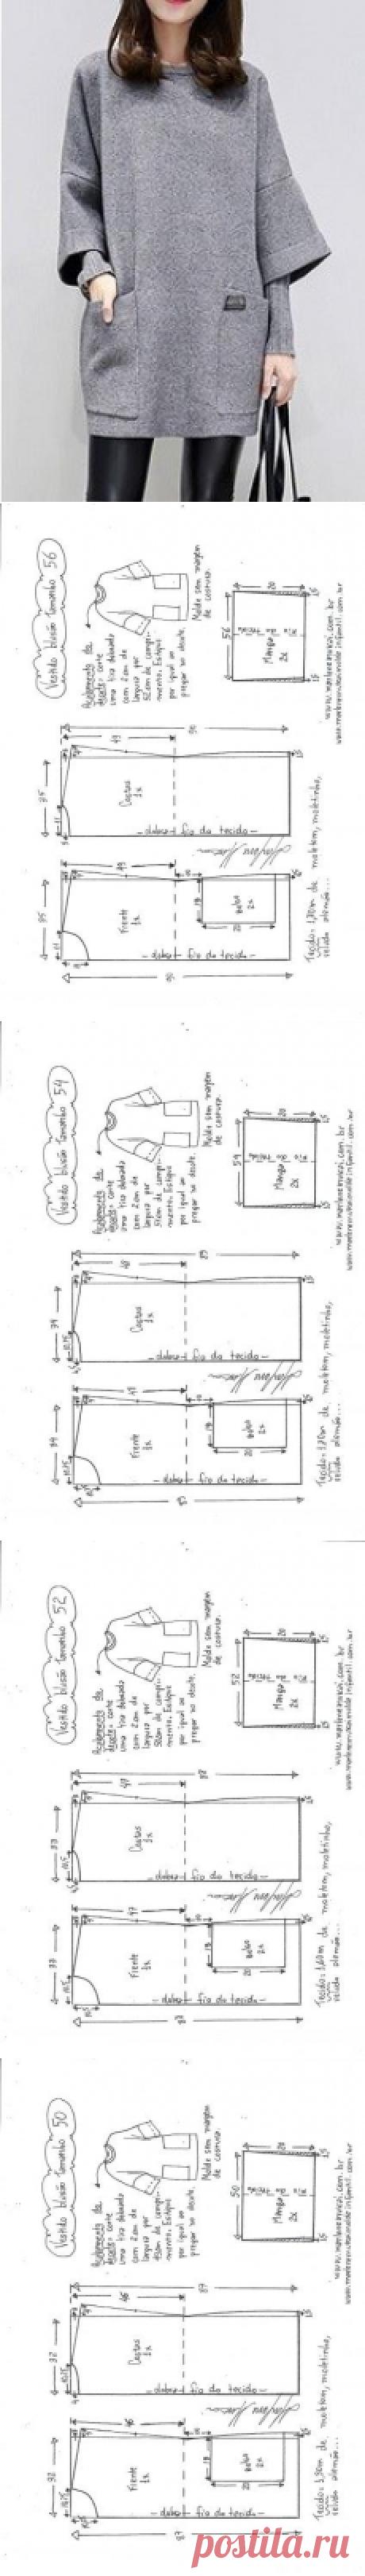 Свитер с капюшоном - DIY - плесень, вырезка и шьют - Marlene Mukai